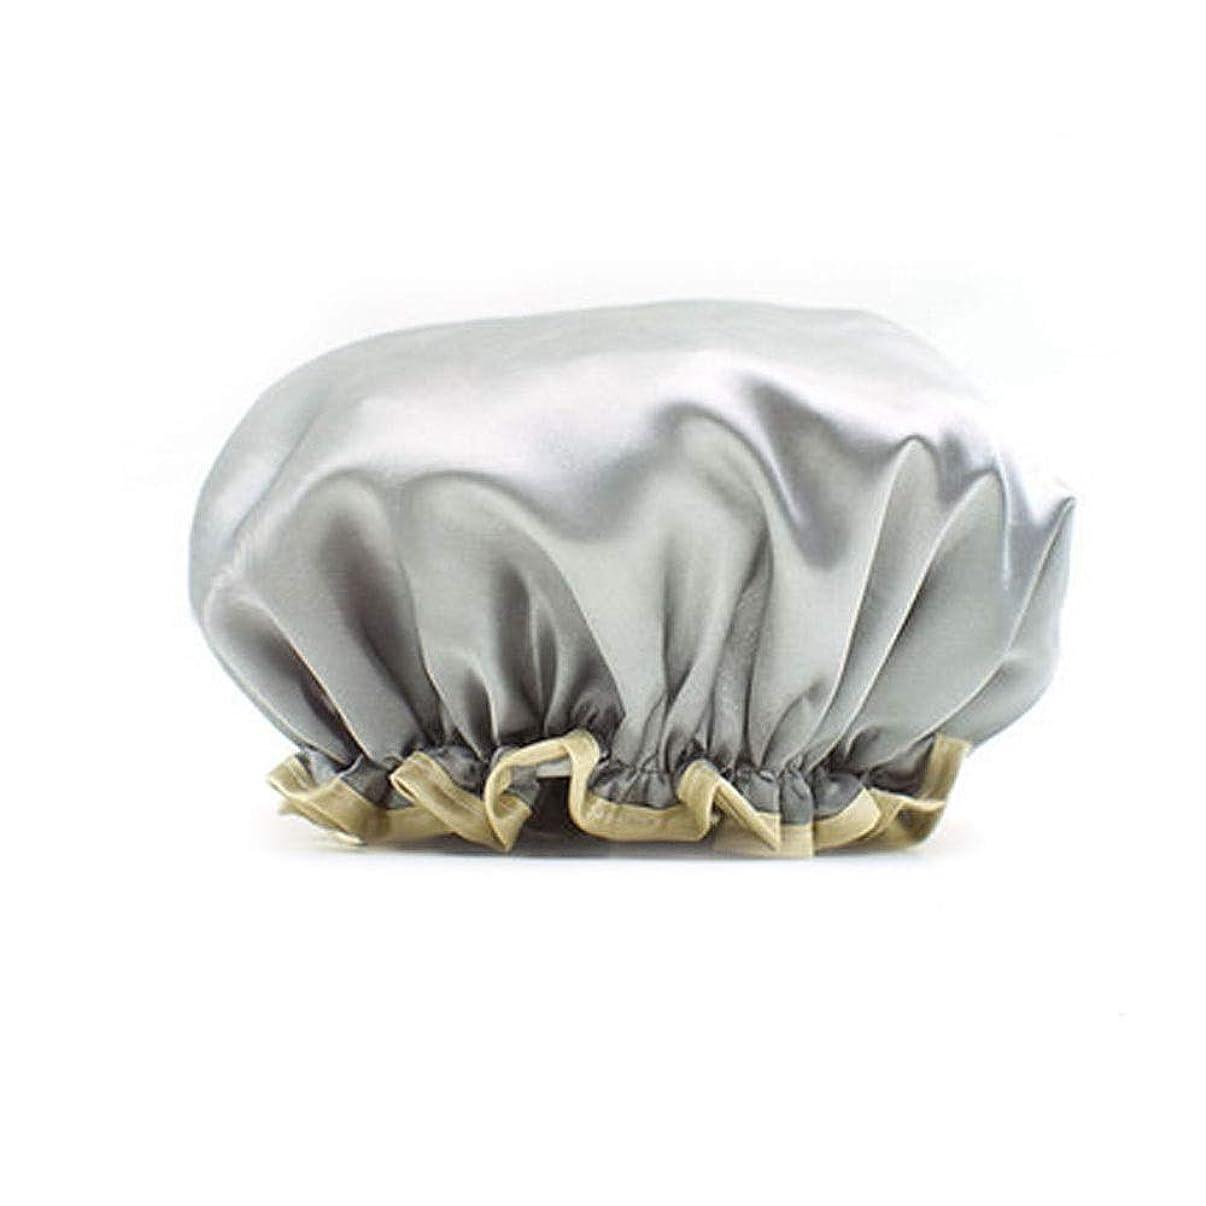 インシュレータ不調和閉塞HUCHAOQIXIU シャワーキャップ防水シャワーキャップ大人ブルーピンクシャワーファッション厚みのある防水シャワーキャップレイン防水防水キャップ (Color : Gray)